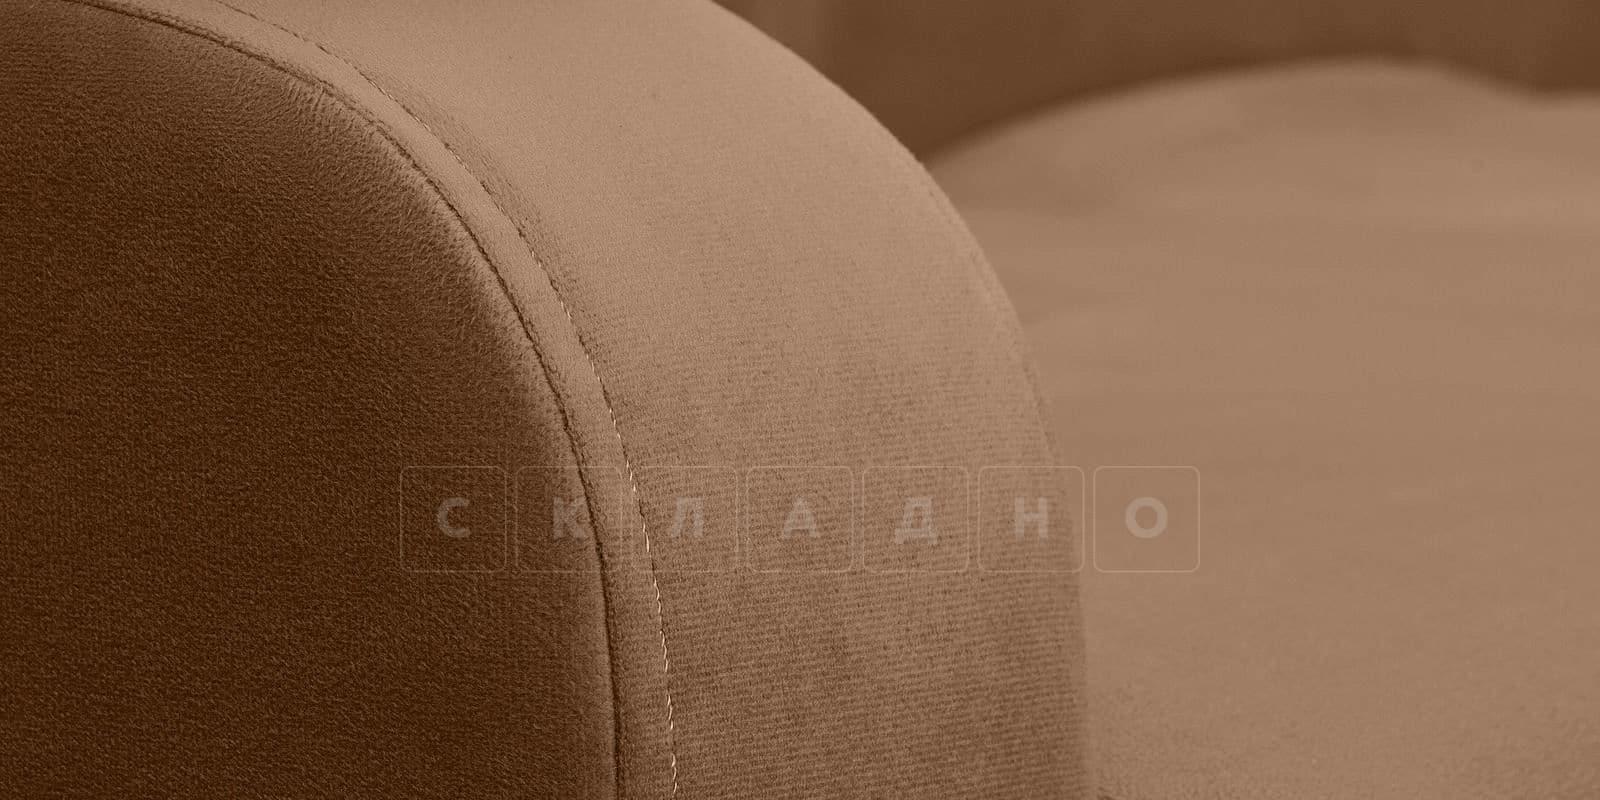 Диван прямой Денвер велюр коричневый фото 7 | интернет-магазин Складно